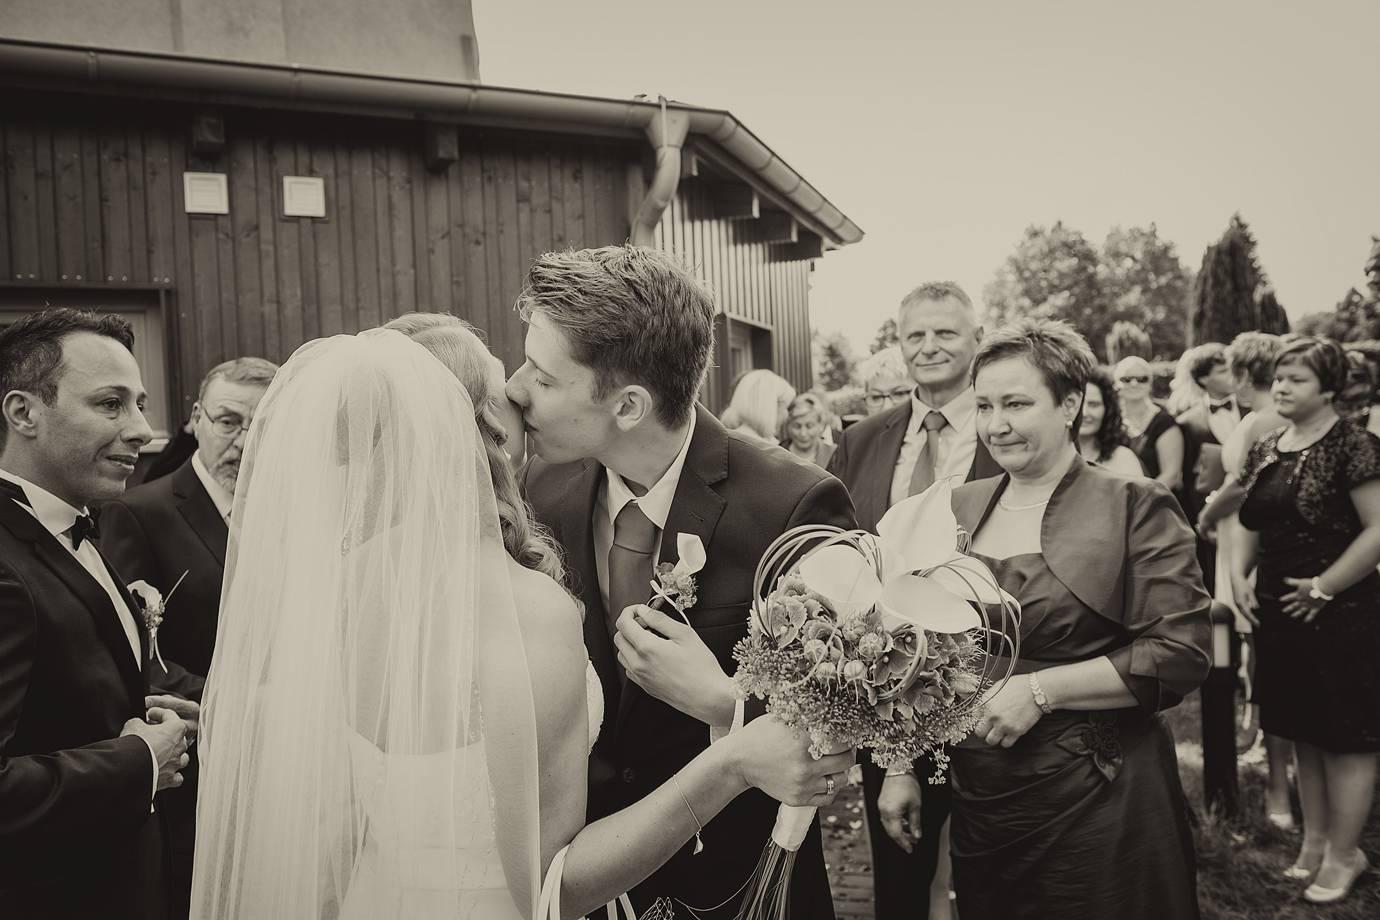 hochzeitsfotograf ritterhude 088 - Susann+Christian